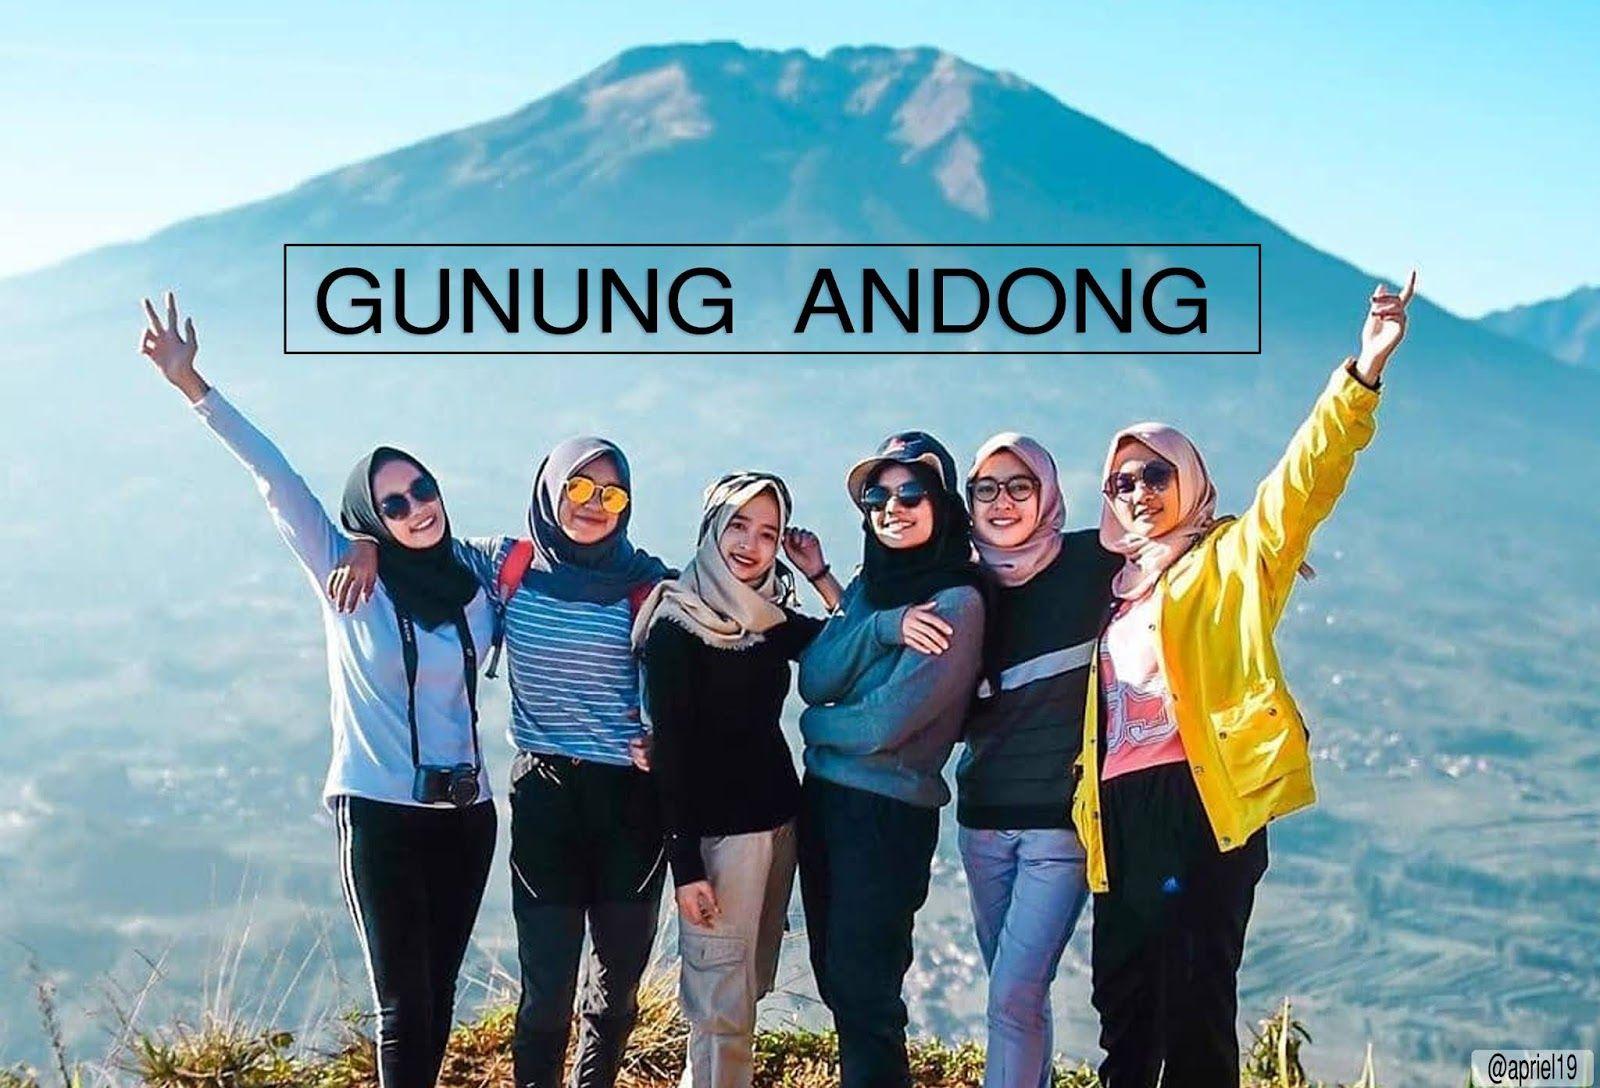 Jawa Tengah Menjadi Salah Satu Provinsi Yang Memiliki Gunung Gunung Indah Ada Banyak Gunung Di Jawa Tengah Dan Saling Berdampingan Sehing Di 2020 Alam Andong Magelang